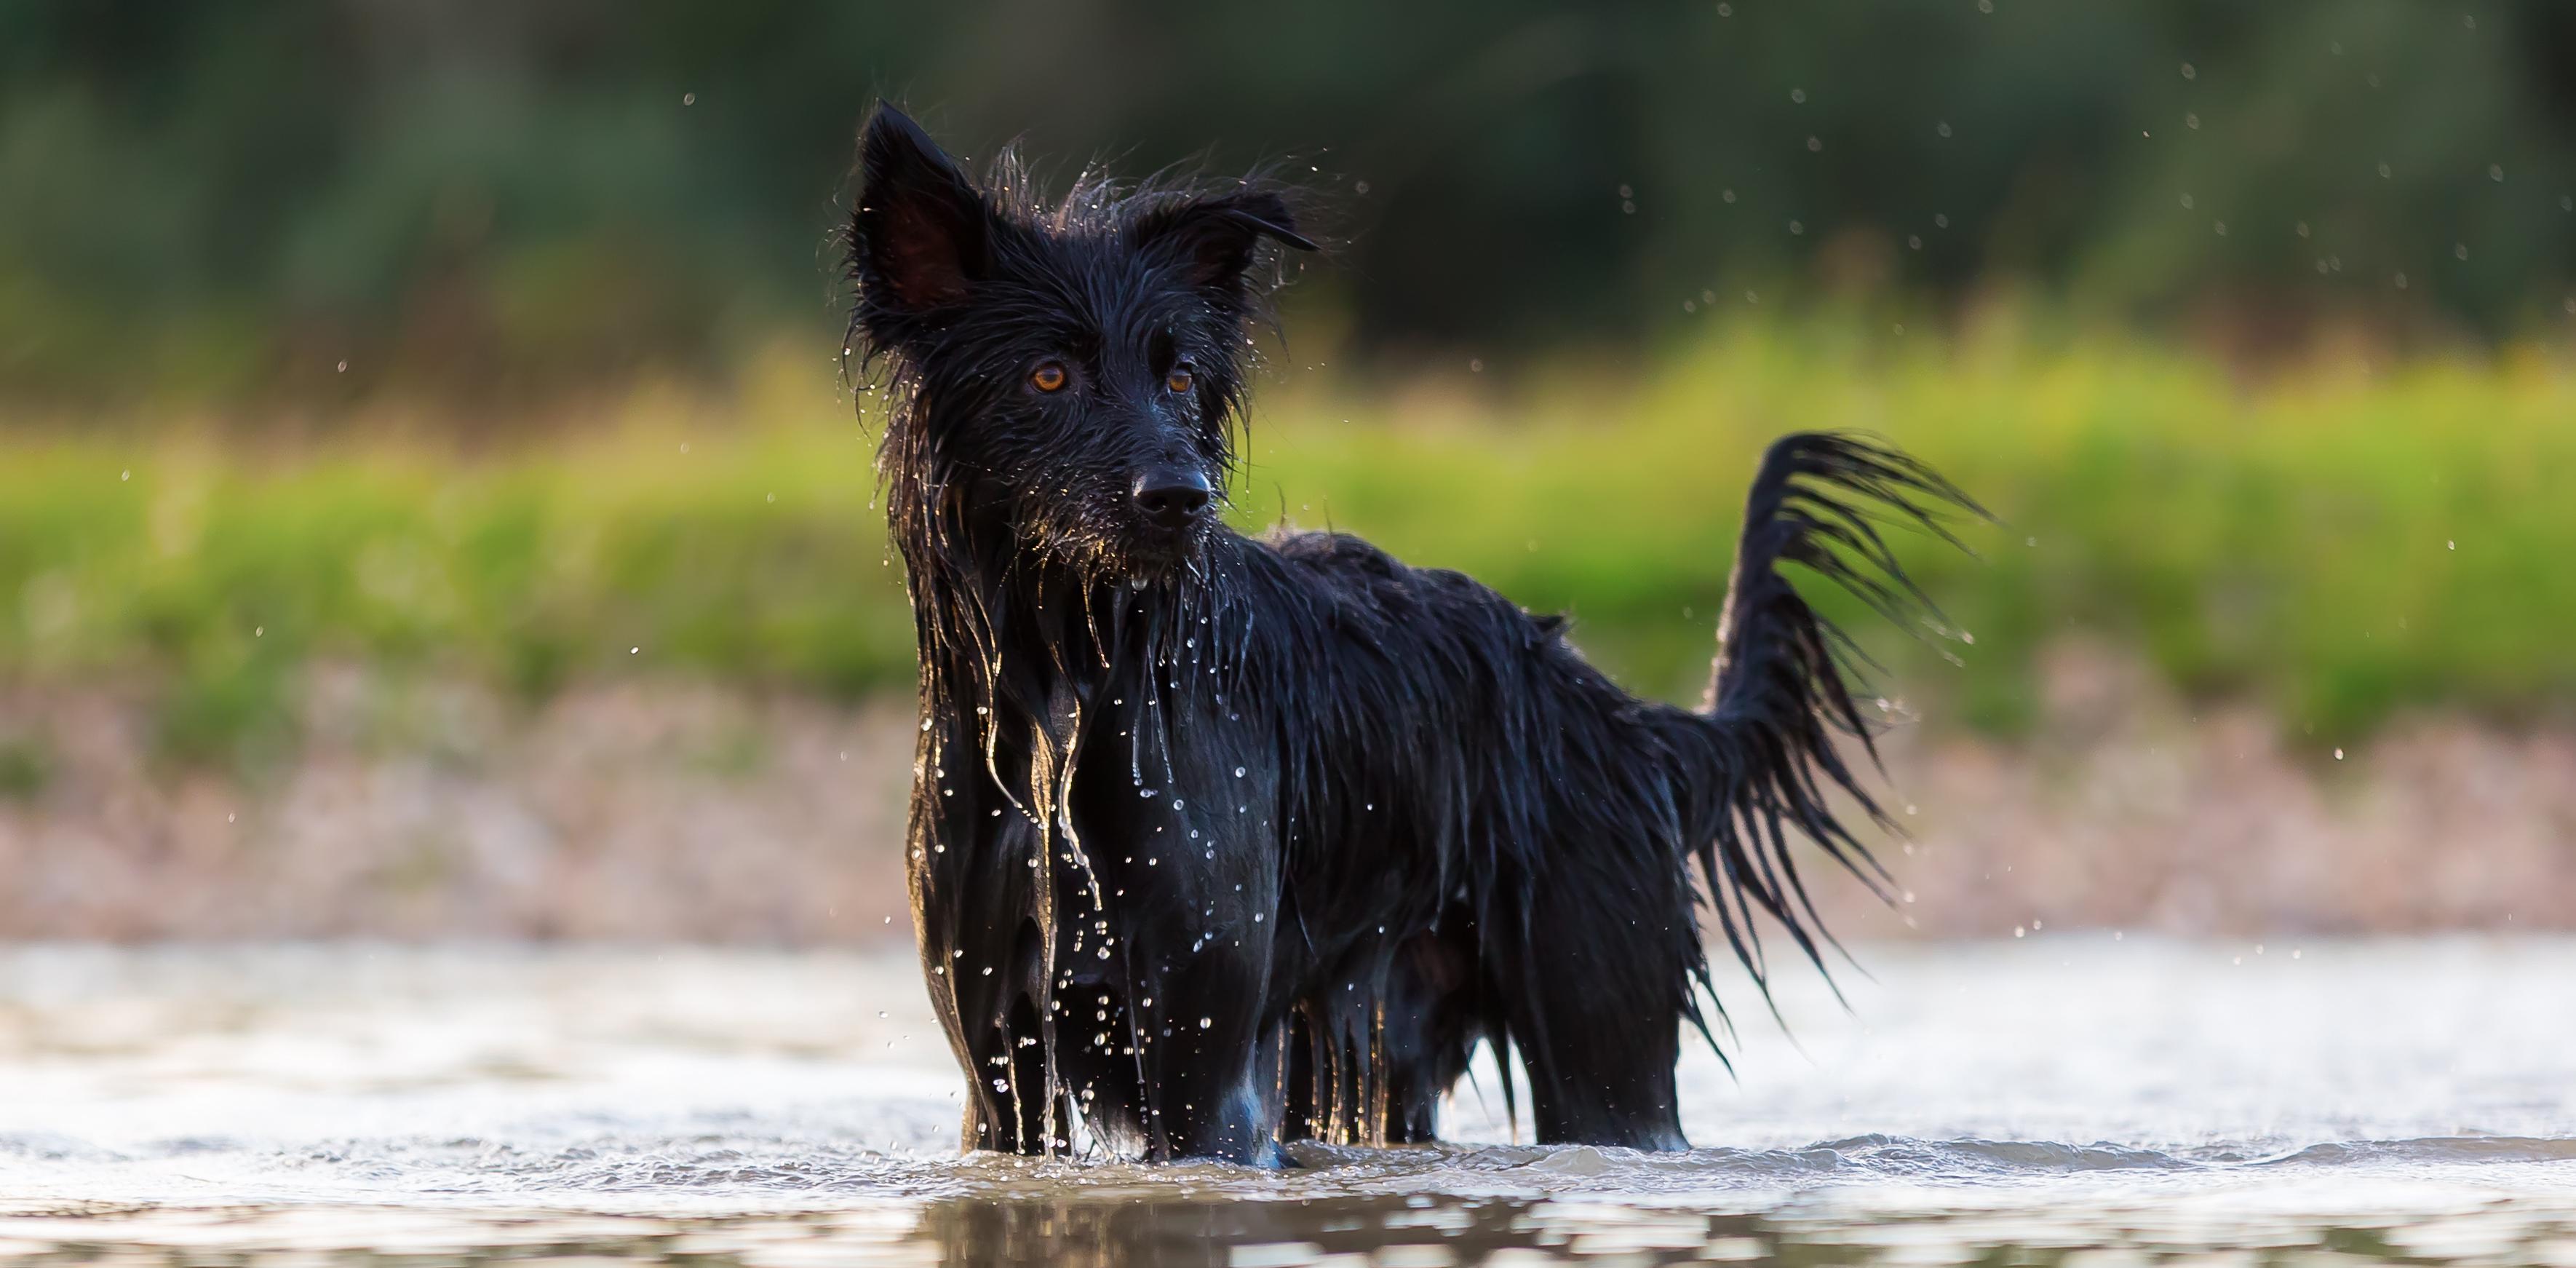 partnersuche partnersuche pferd mit und vergleich hund seiten  Leishmaniose Wikipedia. Leishmaniose Wikipedia.